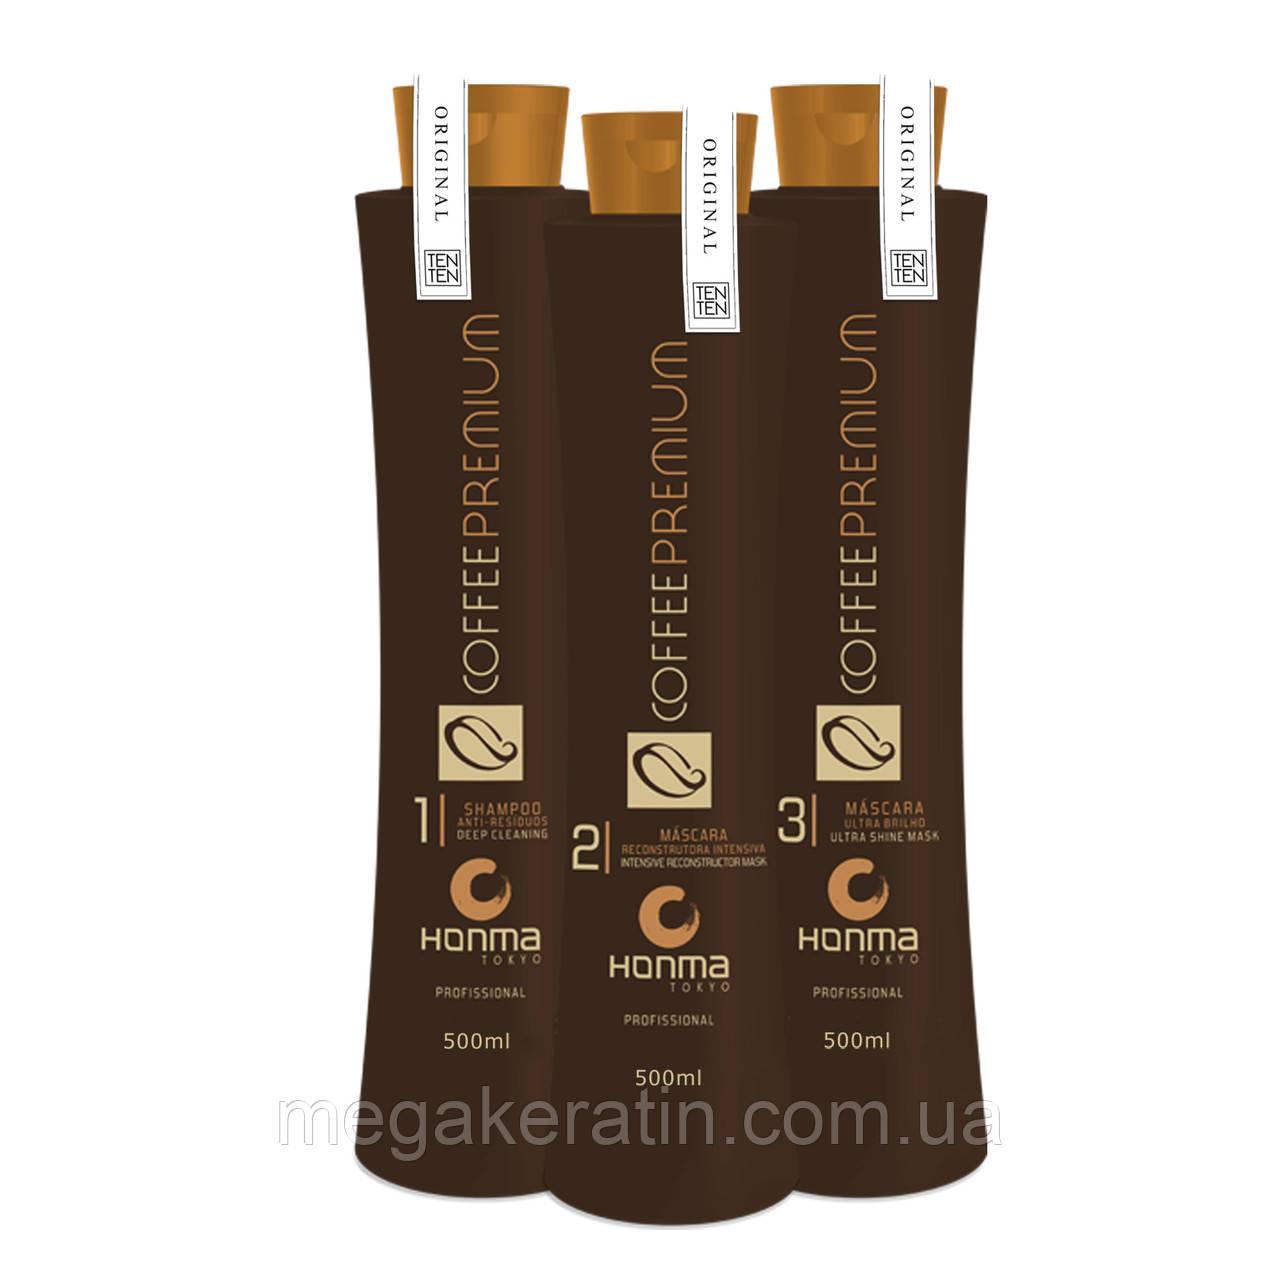 Набор для кератинового выпрямления Coffee Premium (Кофе Премиум) Honma Tokyo 3х500мл